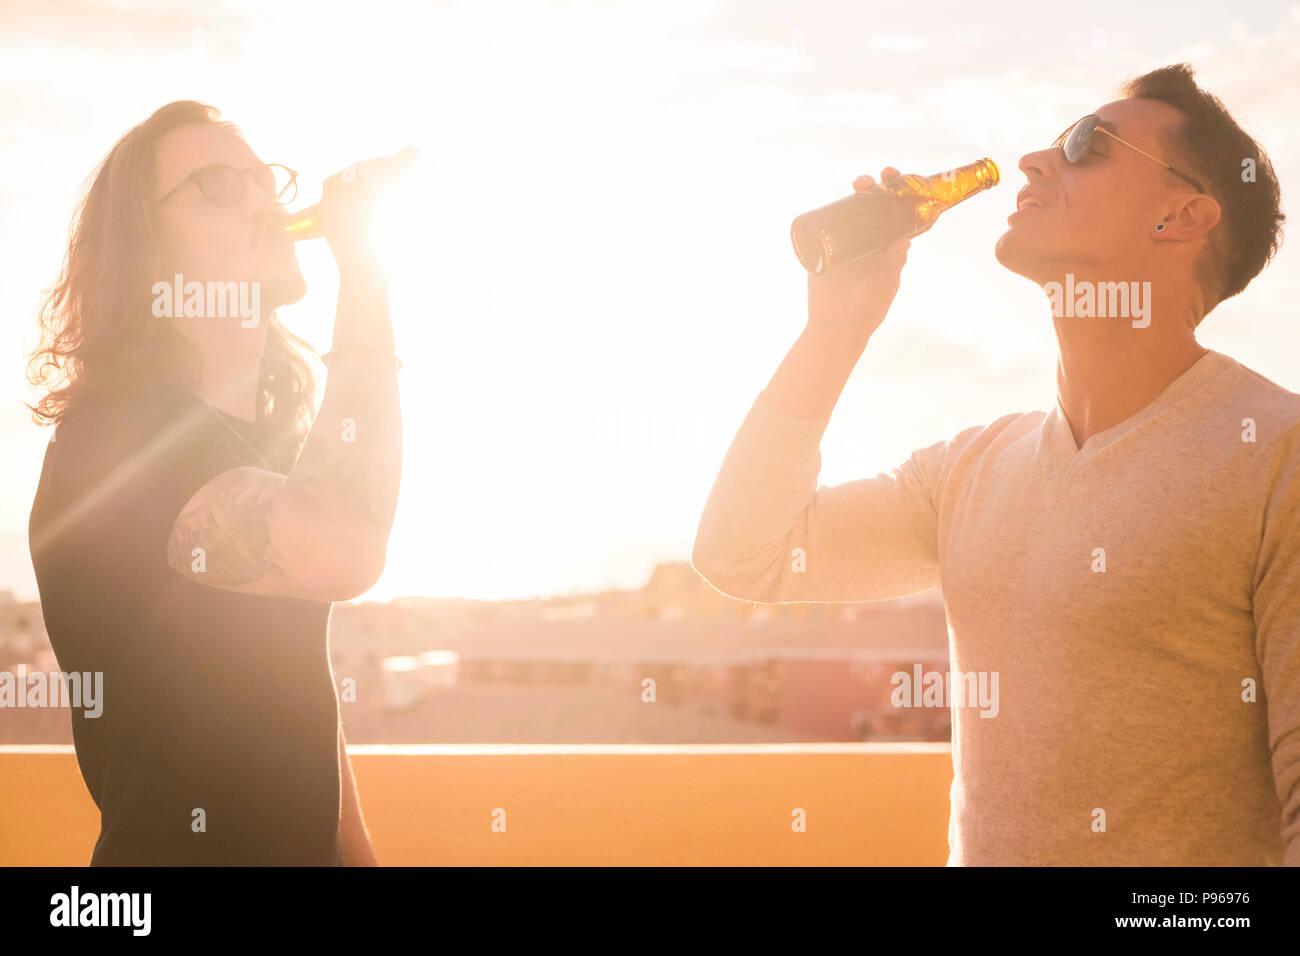 Par de jóvenes bebiendo cerveza juntos bajo el sol del atardecer. imagen brillante para machos hermosos modelos de felicidad y de actividad de ocio al aire libre Imagen De Stock